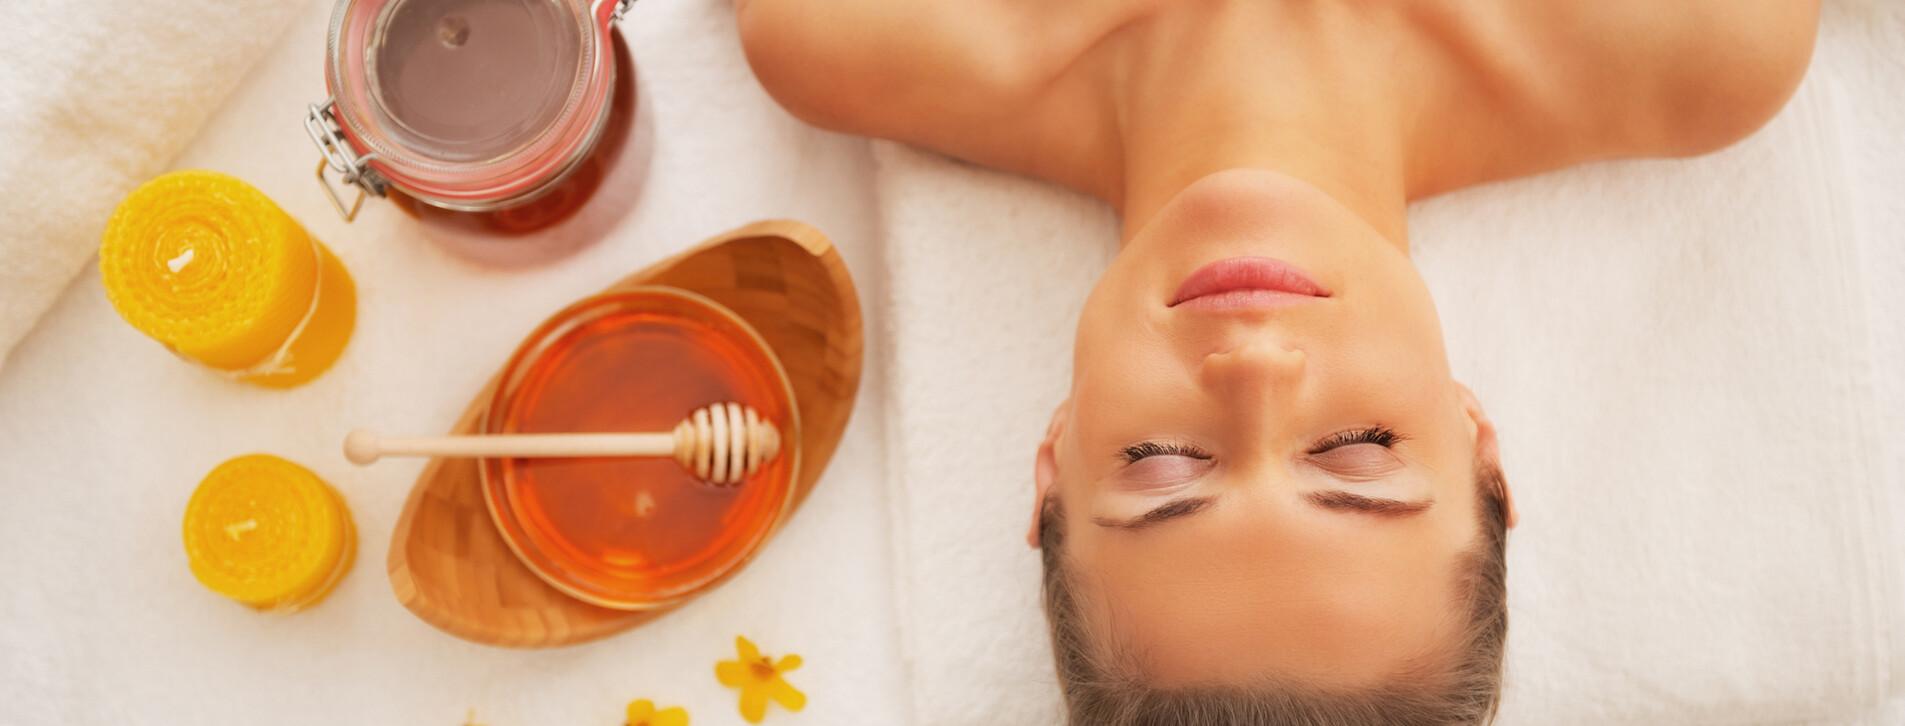 Фото 1 - Антицеллюлитное обертывание с медом